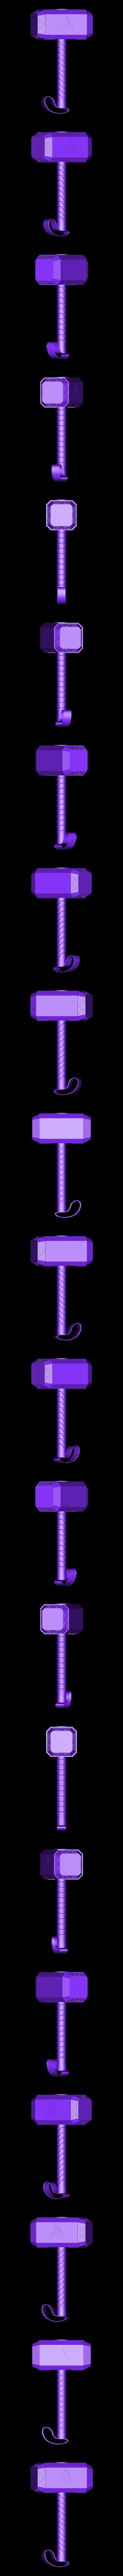 Mjolnir.stl Télécharger fichier STL gratuit Mjolnir • Plan à imprimer en 3D, LukeSmithPDM